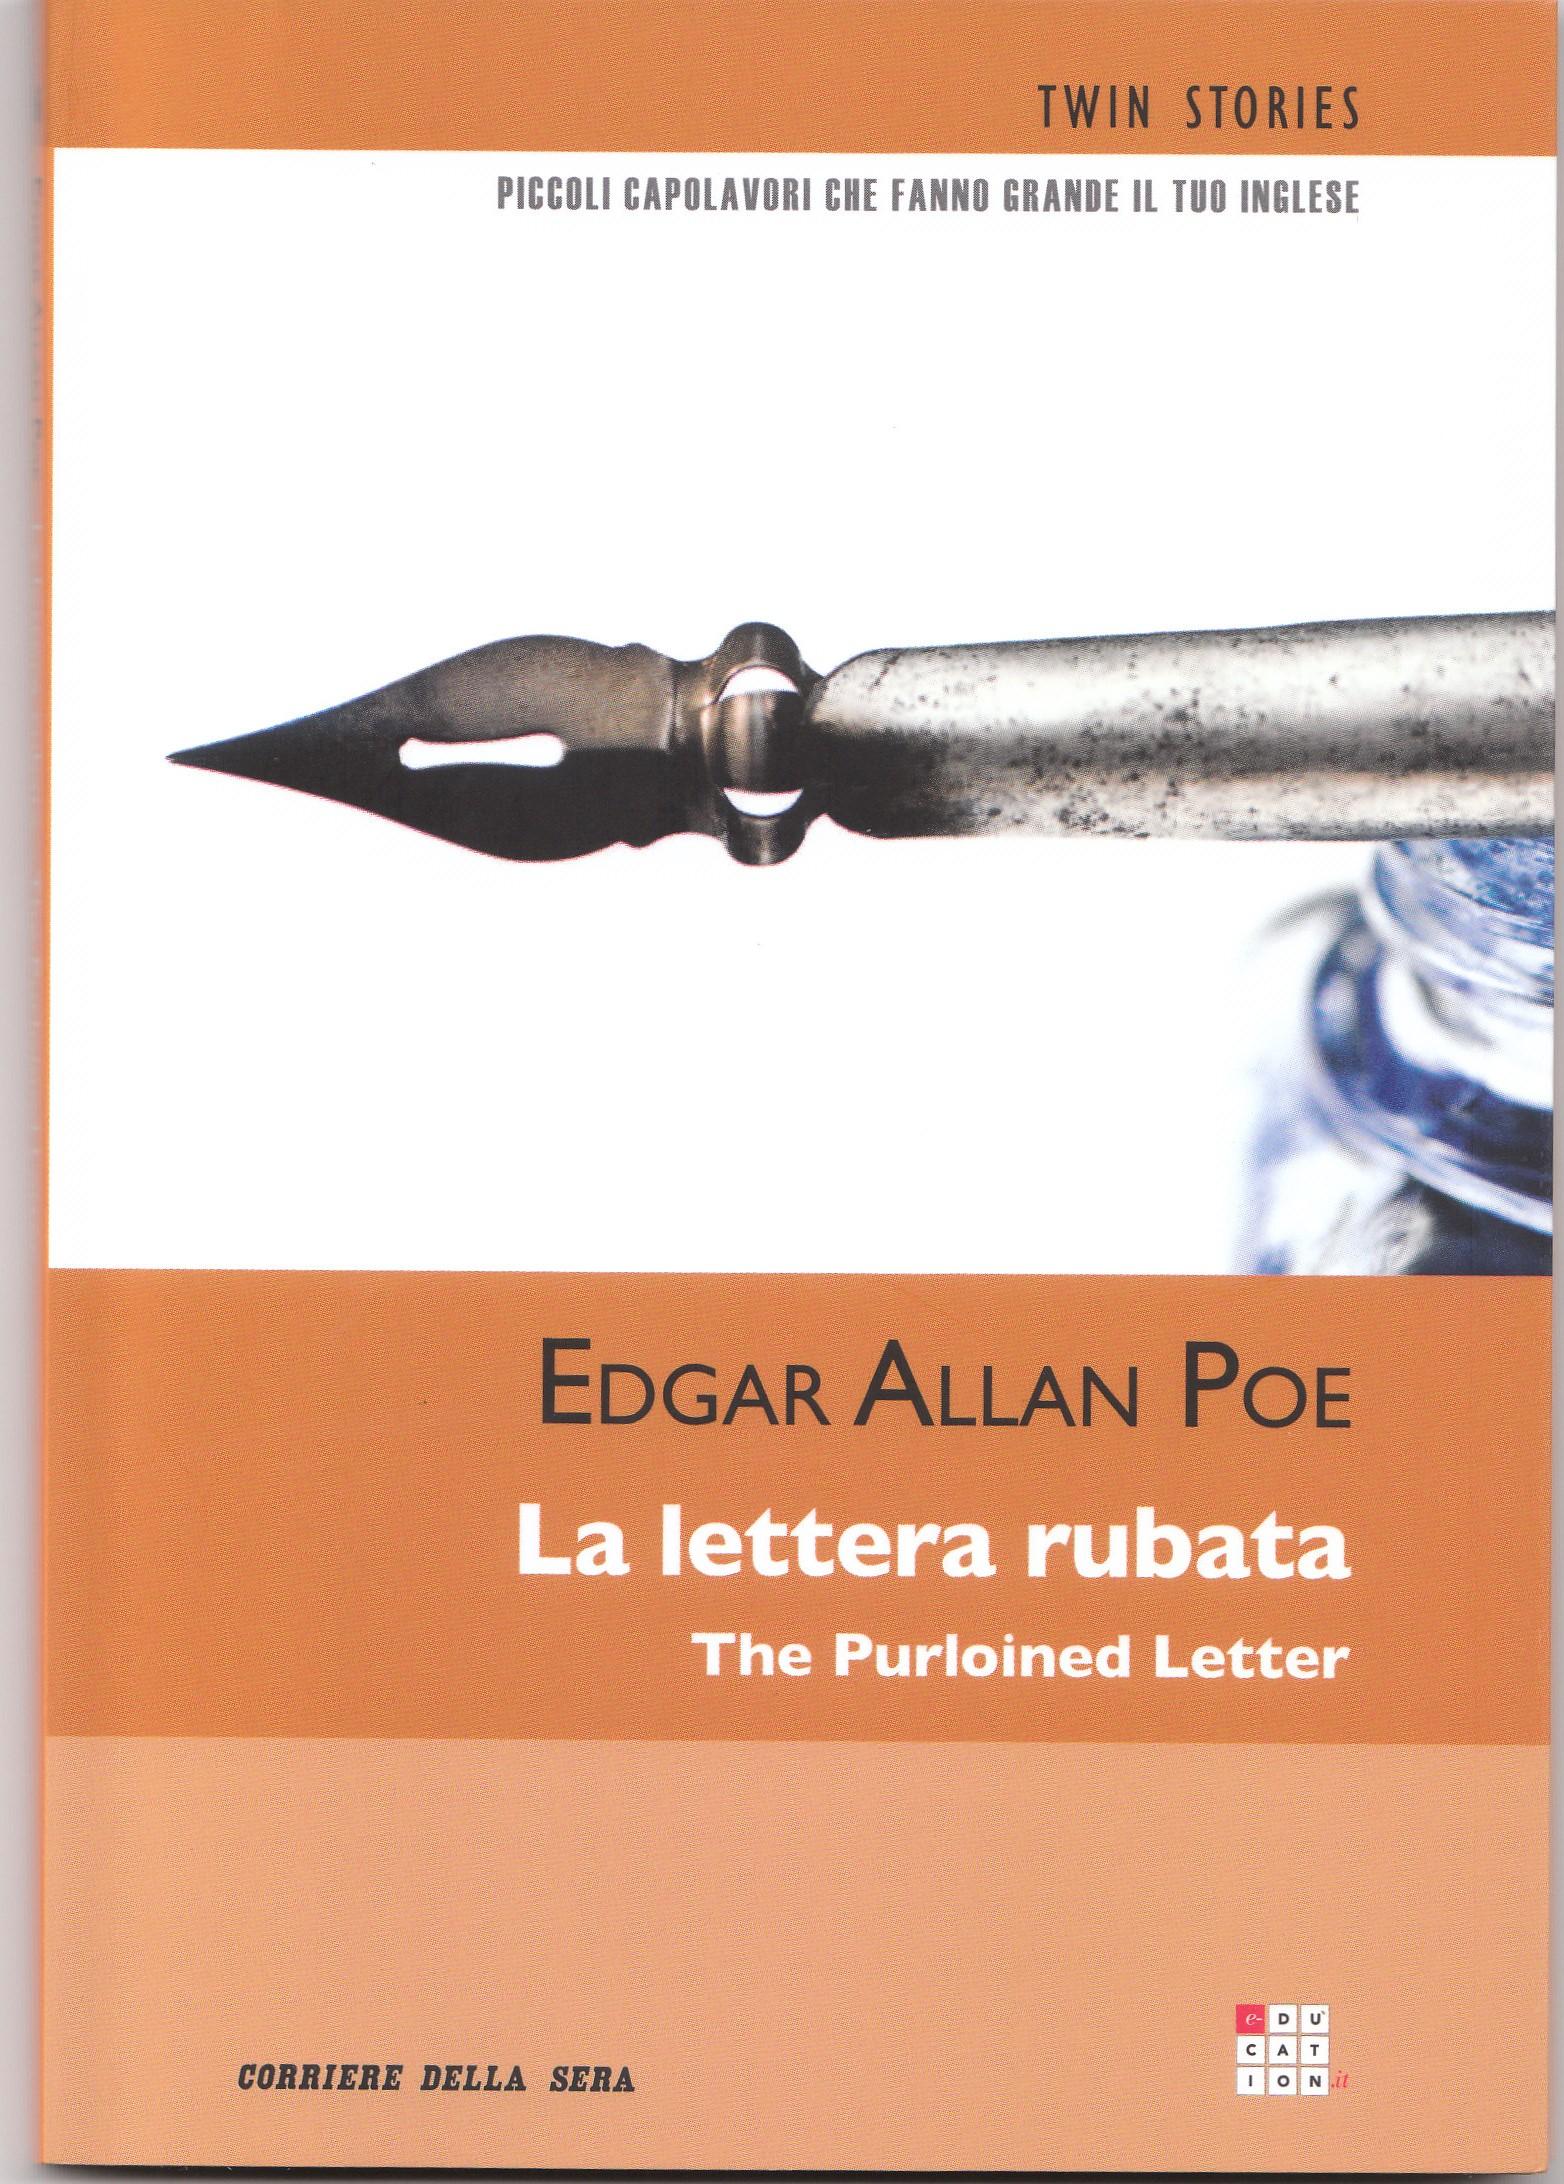 La lettera rubata / The Purloined Letter